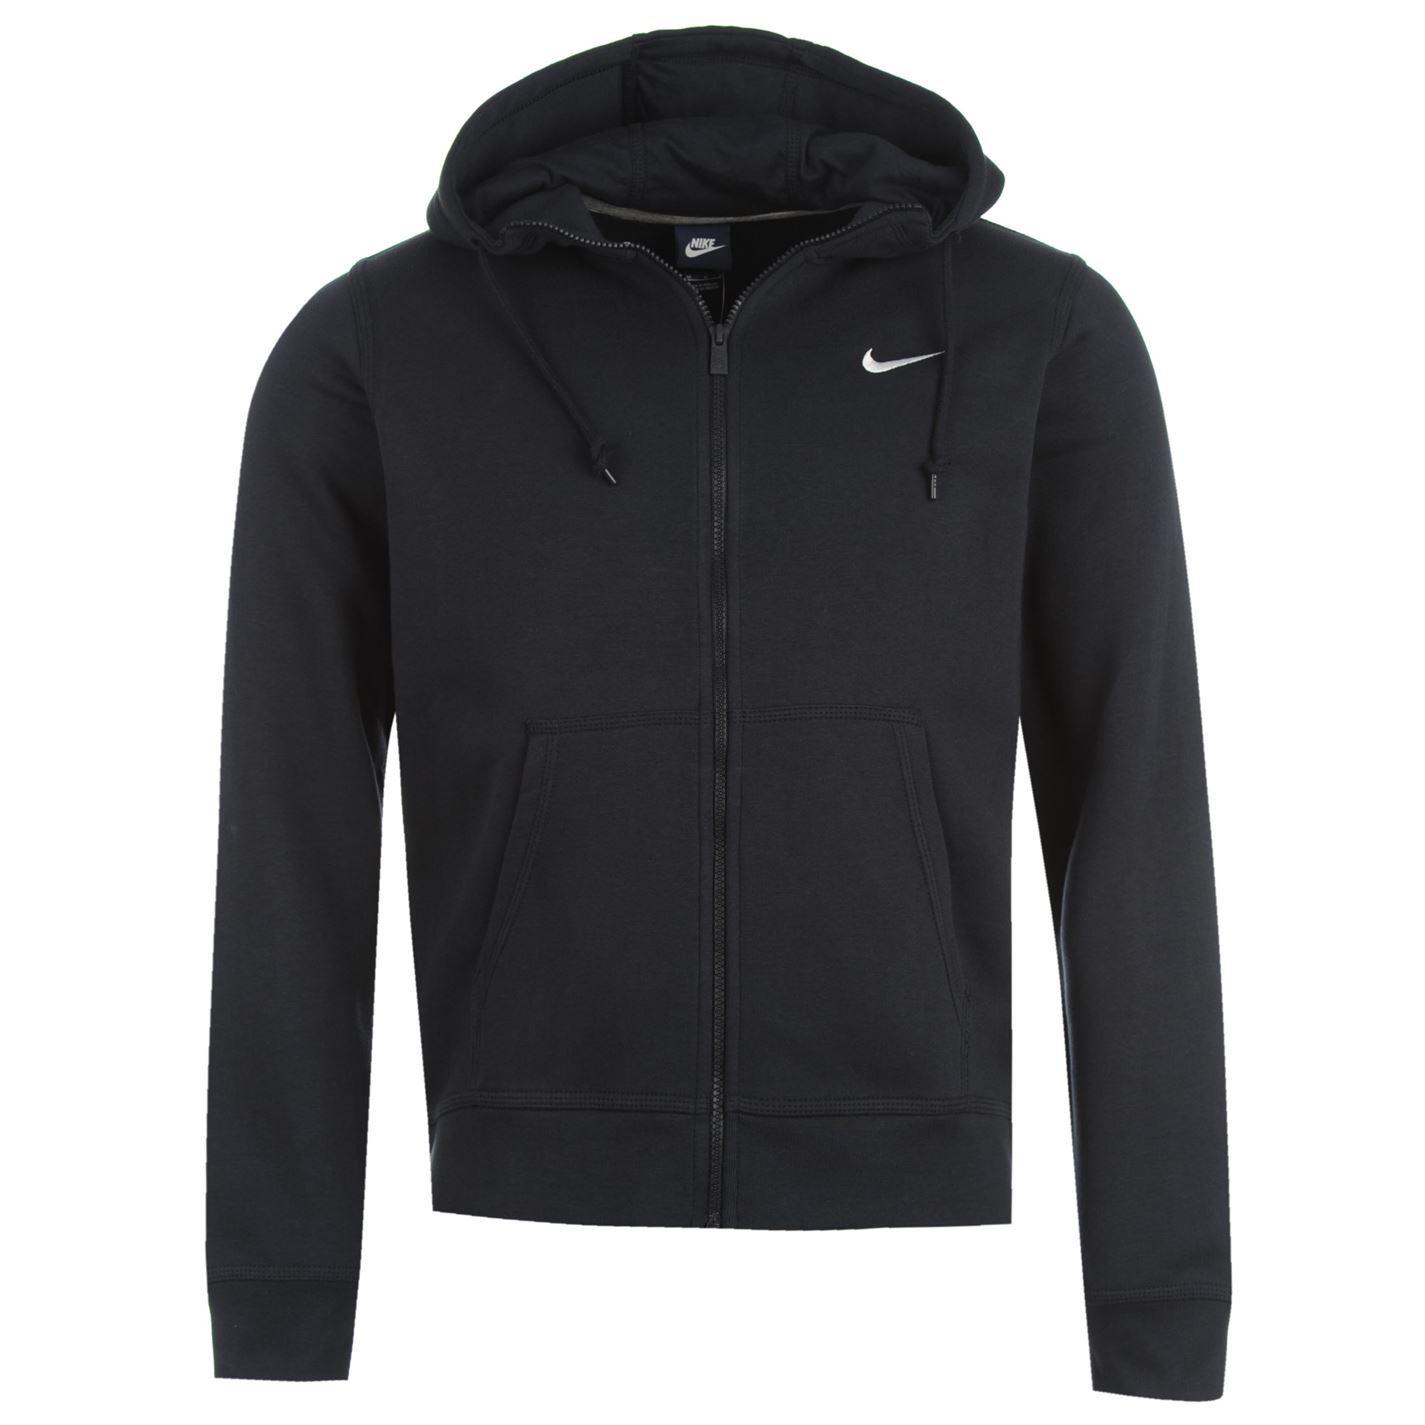 Nike-Fundamentals-Full-Zip-Hoody-Jacket-Mens-Hoodie-Sweatshirt-Sweater-Top thumbnail 9